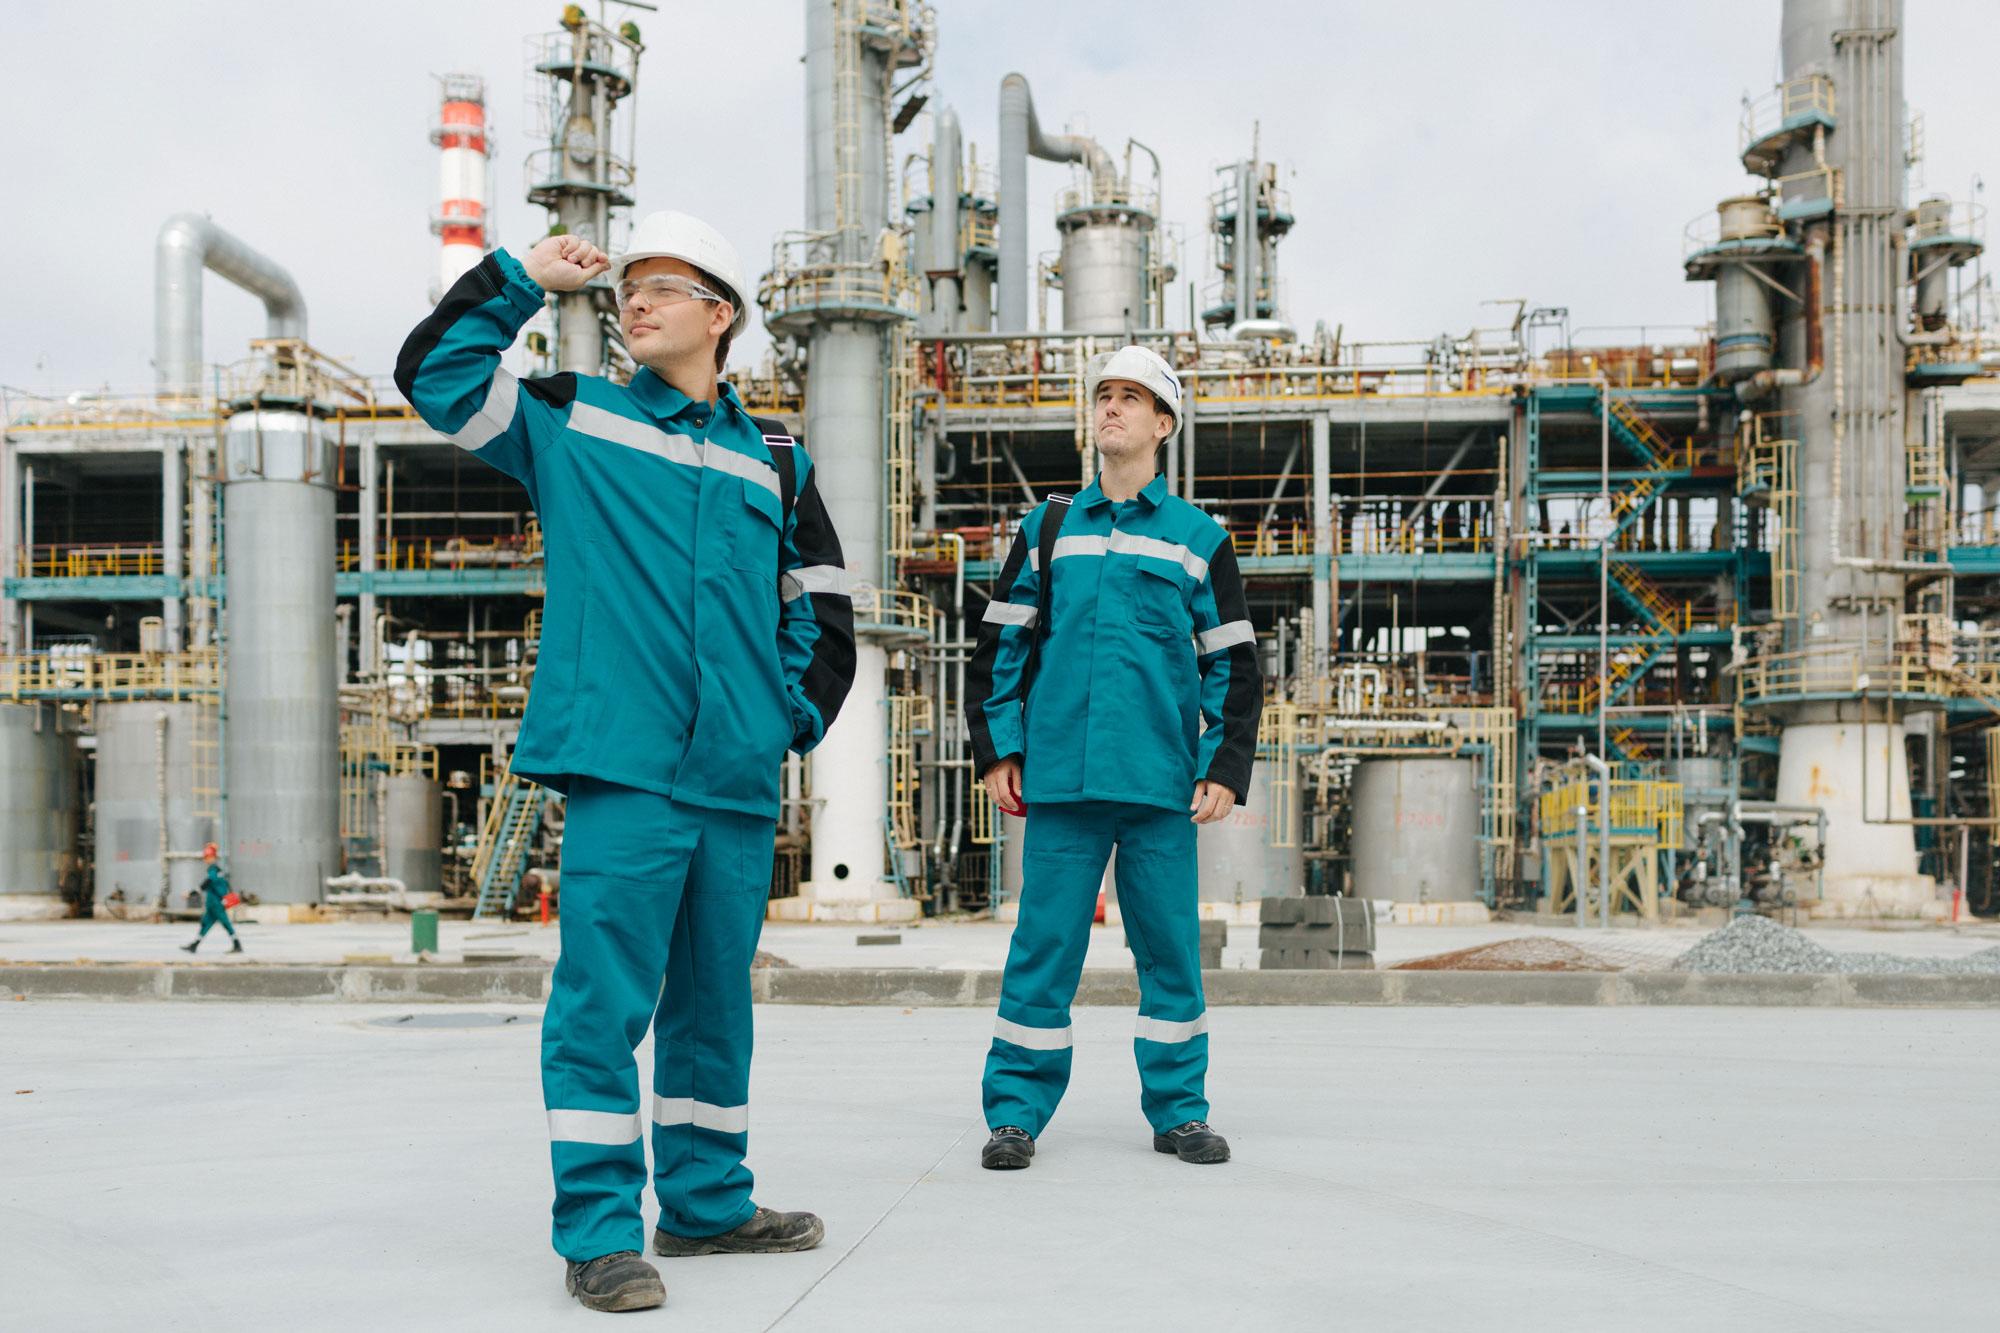 СИБУР: как добиться успеха на производстве